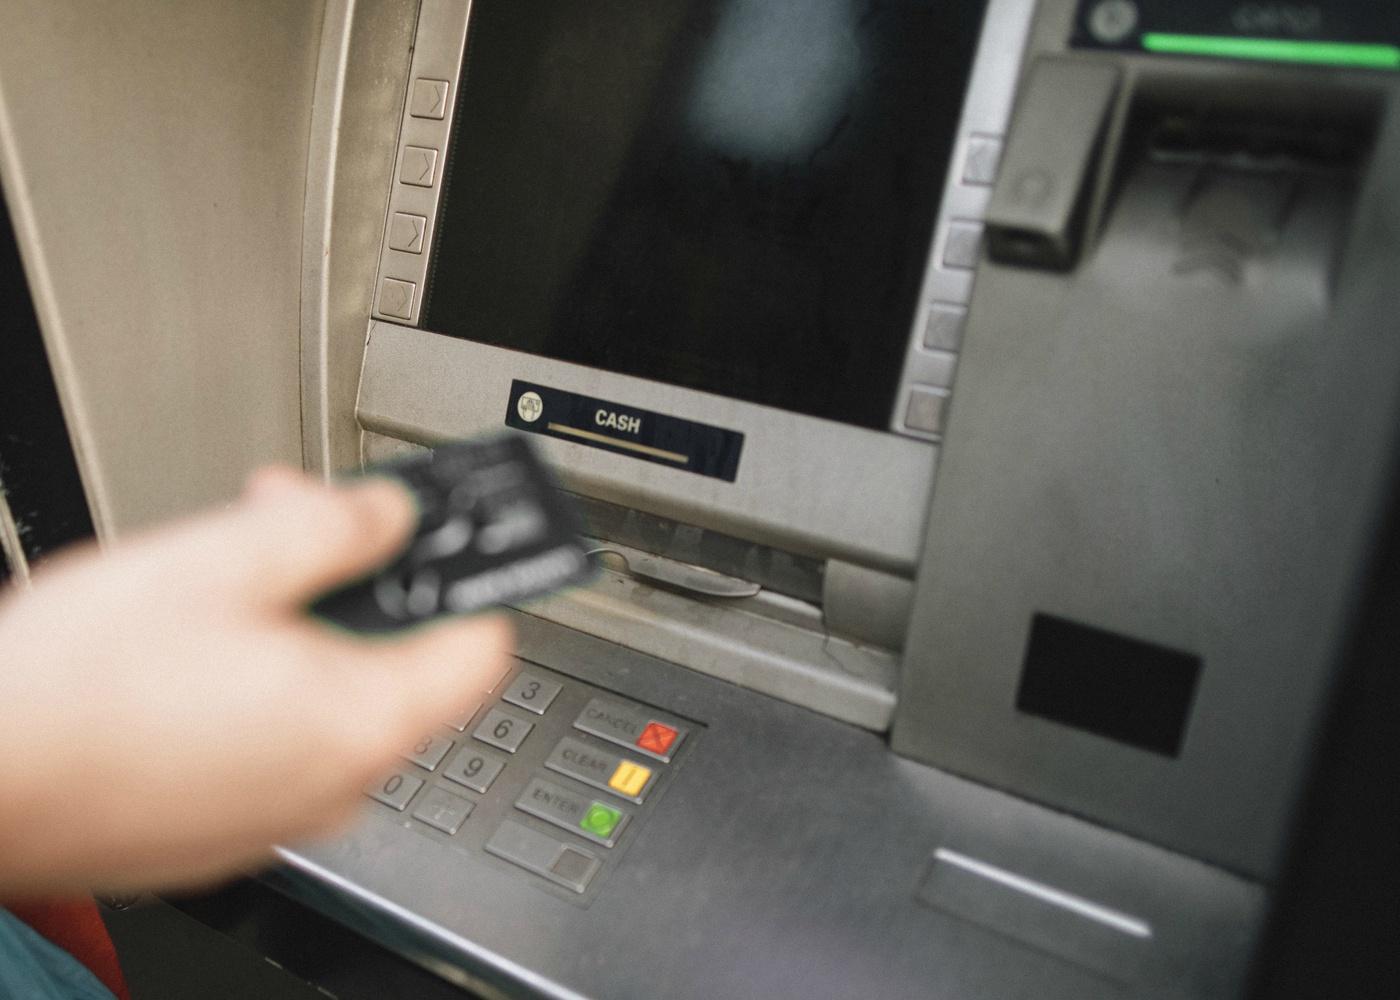 Fraudes em cartões de crédito em máquinas atm